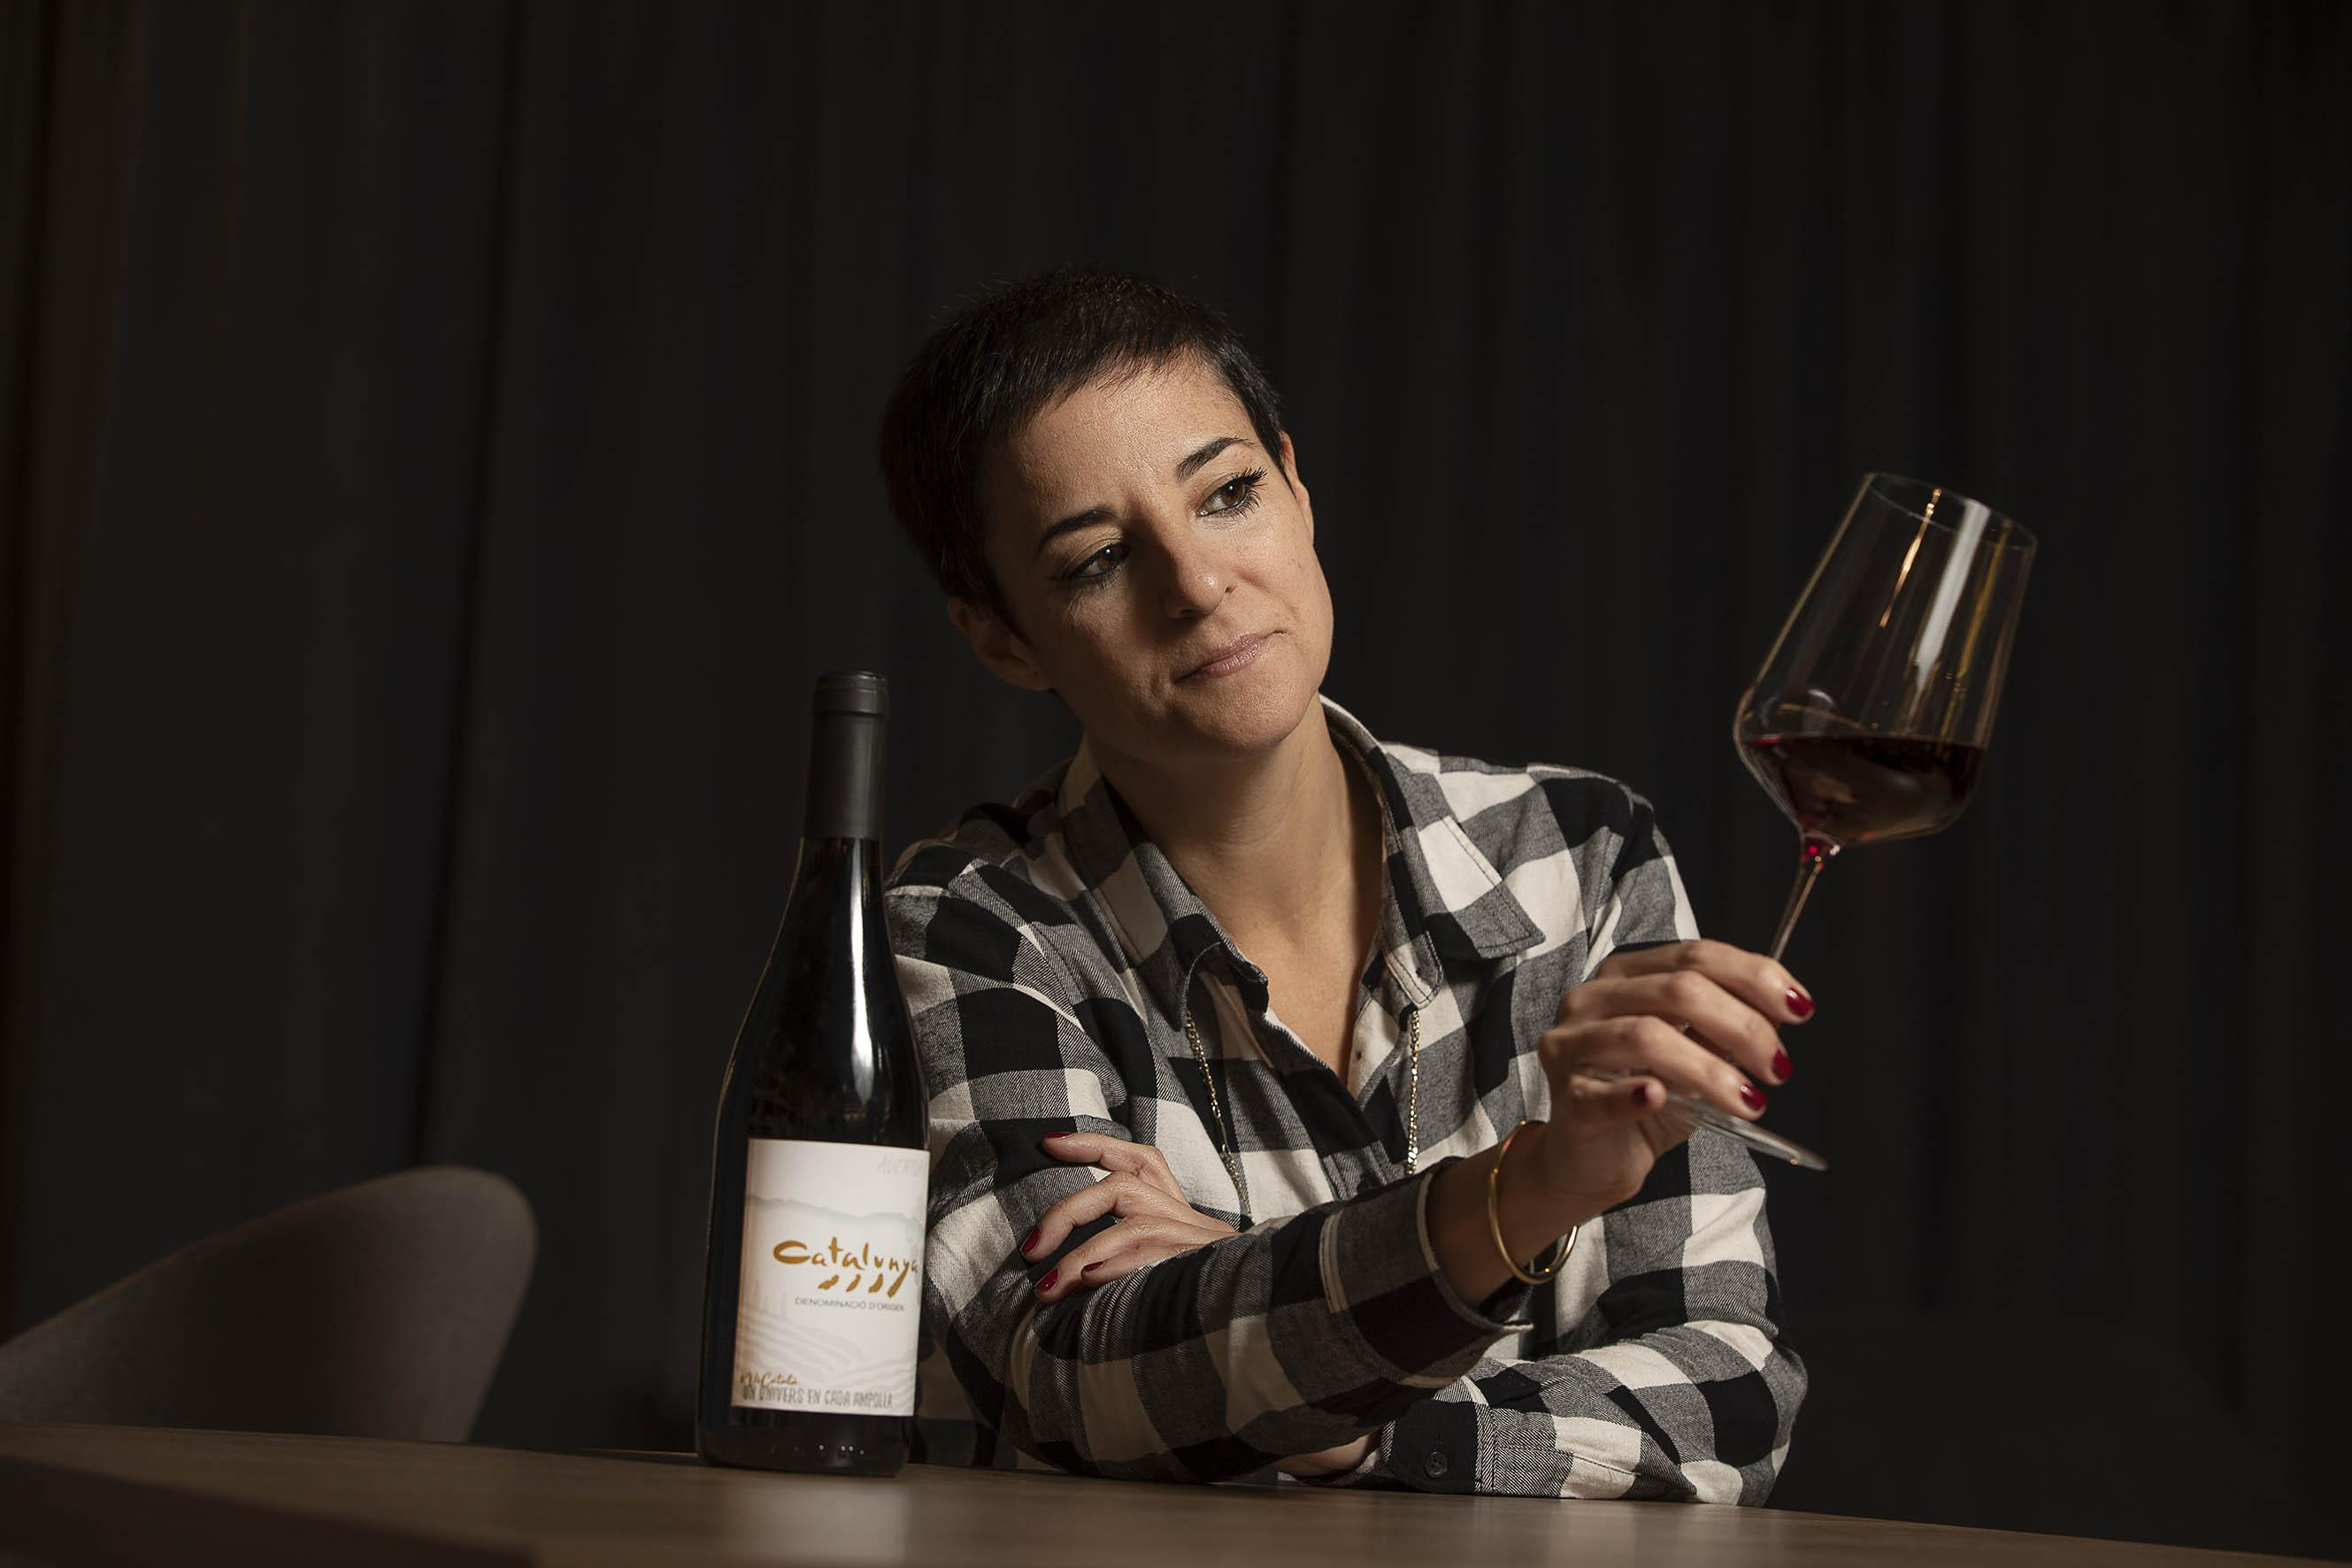 La periodista i escriptora Gemma Ruiz amb una copa de vi de la DO Catalunya / Jordi Play